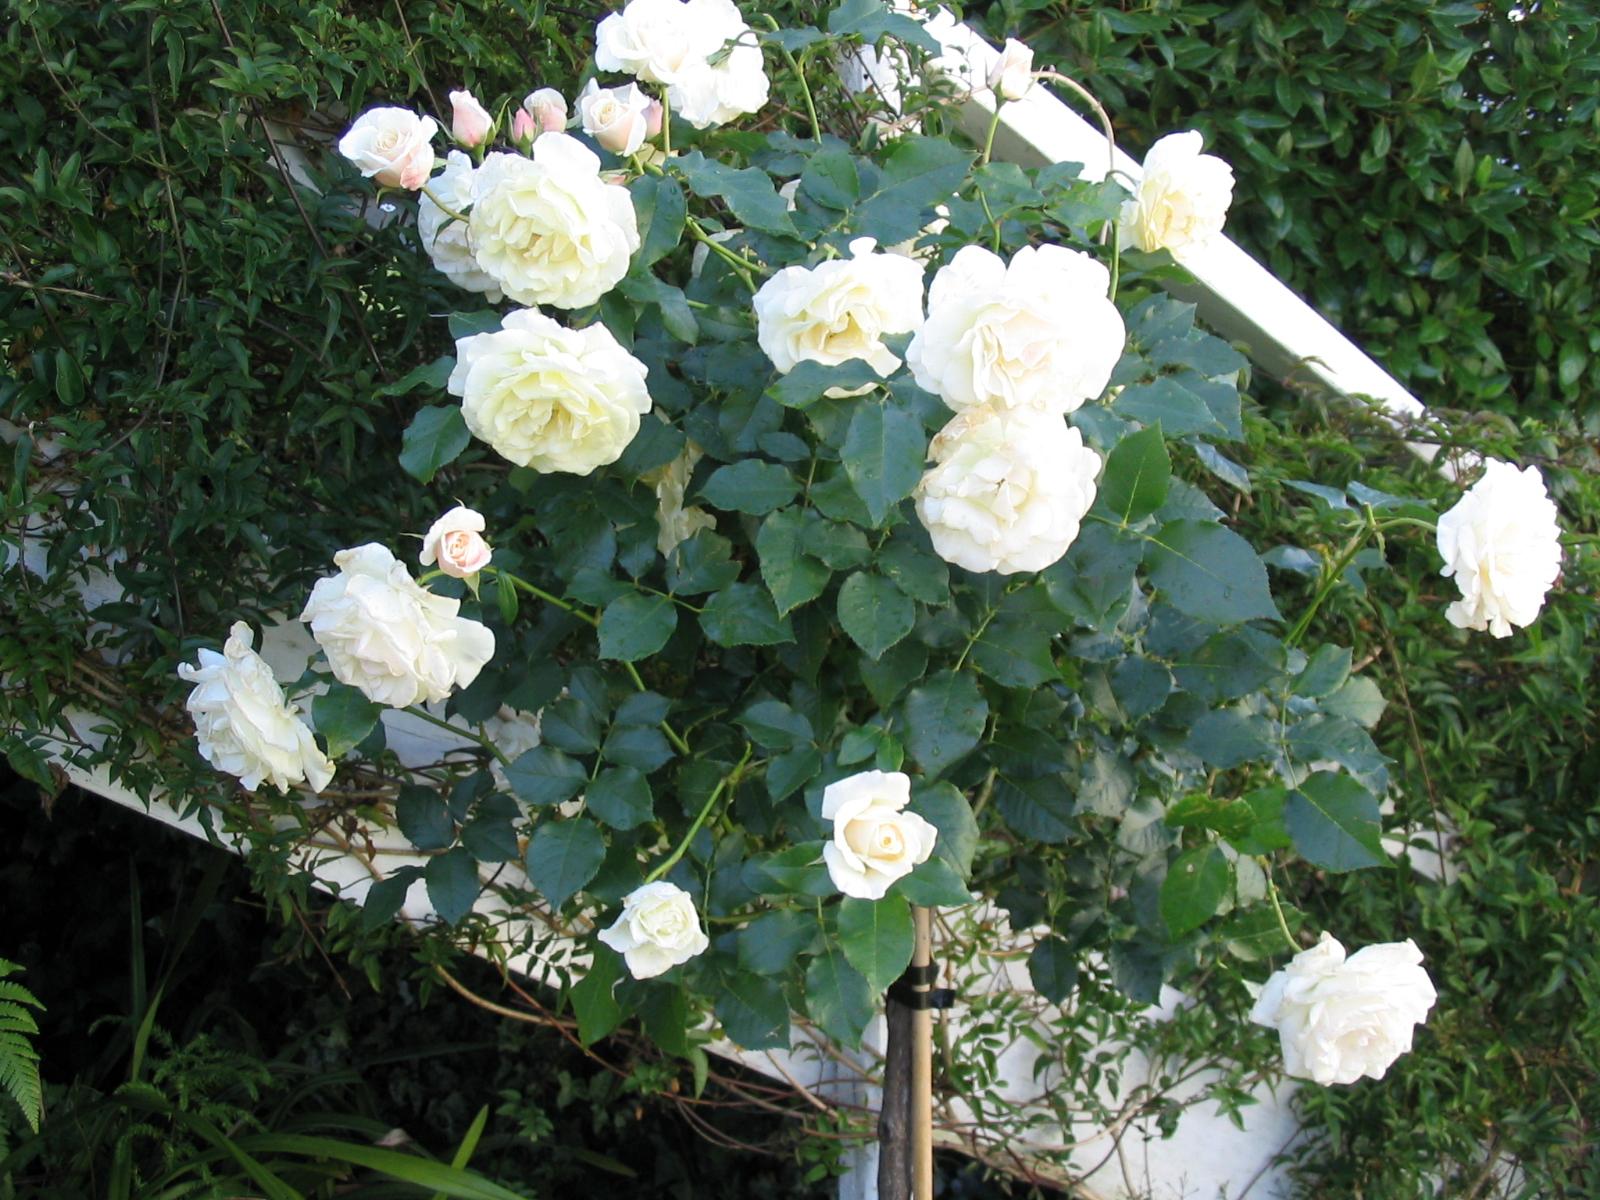 White rose standards